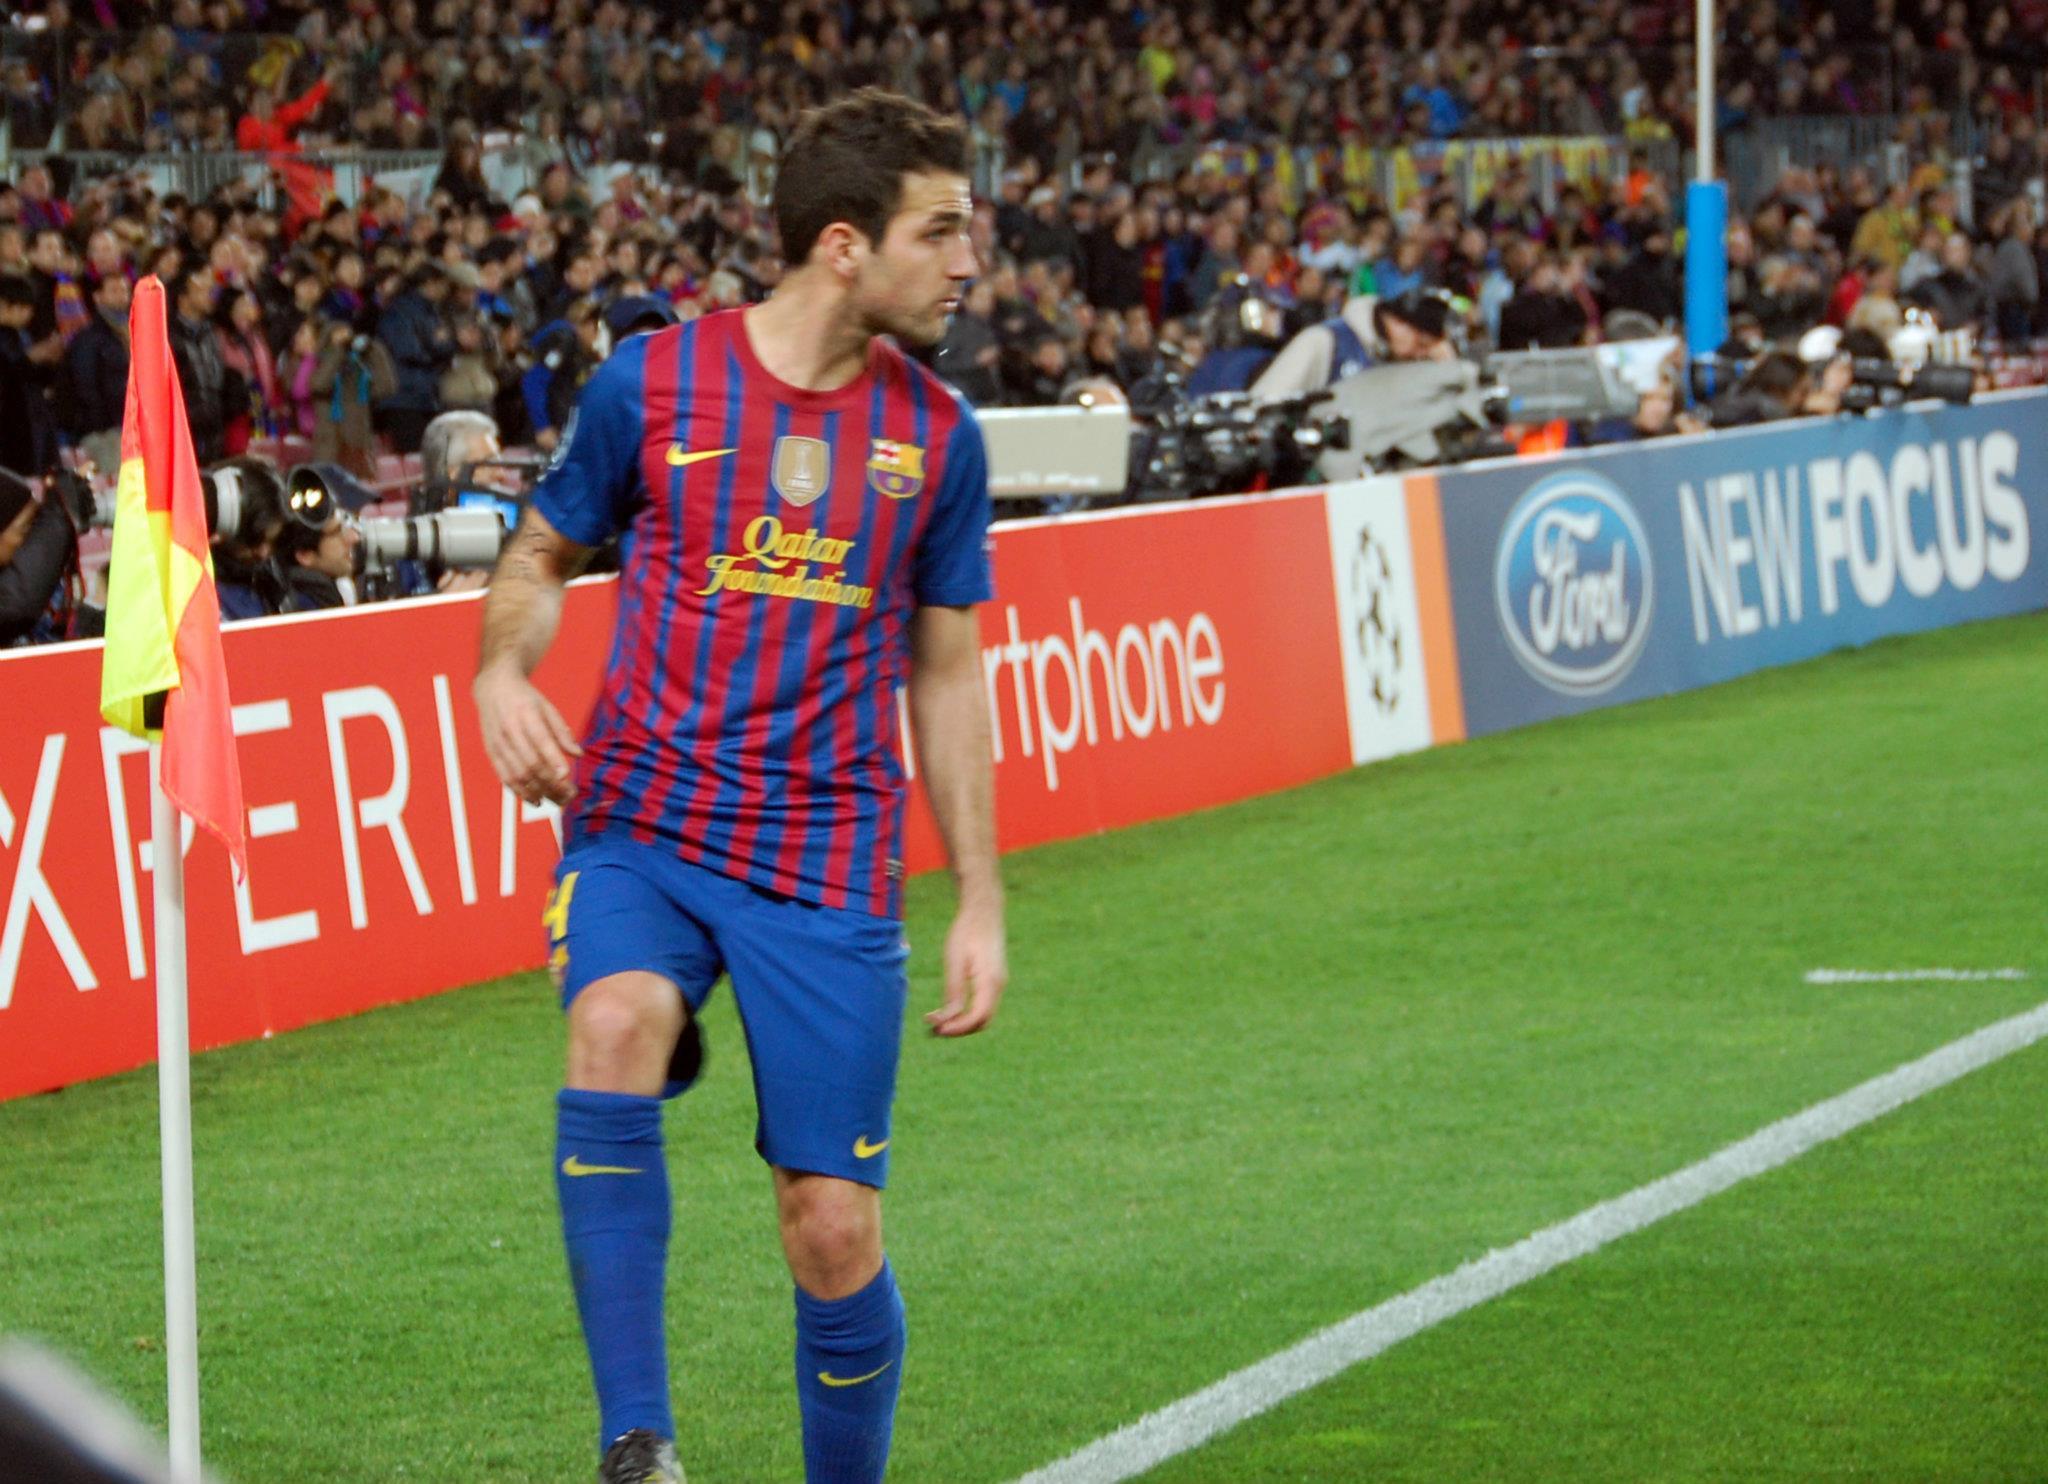 File:FC Barcelona - Bayer 04 Leverkusen, 7 mar 2012 (13).jpg